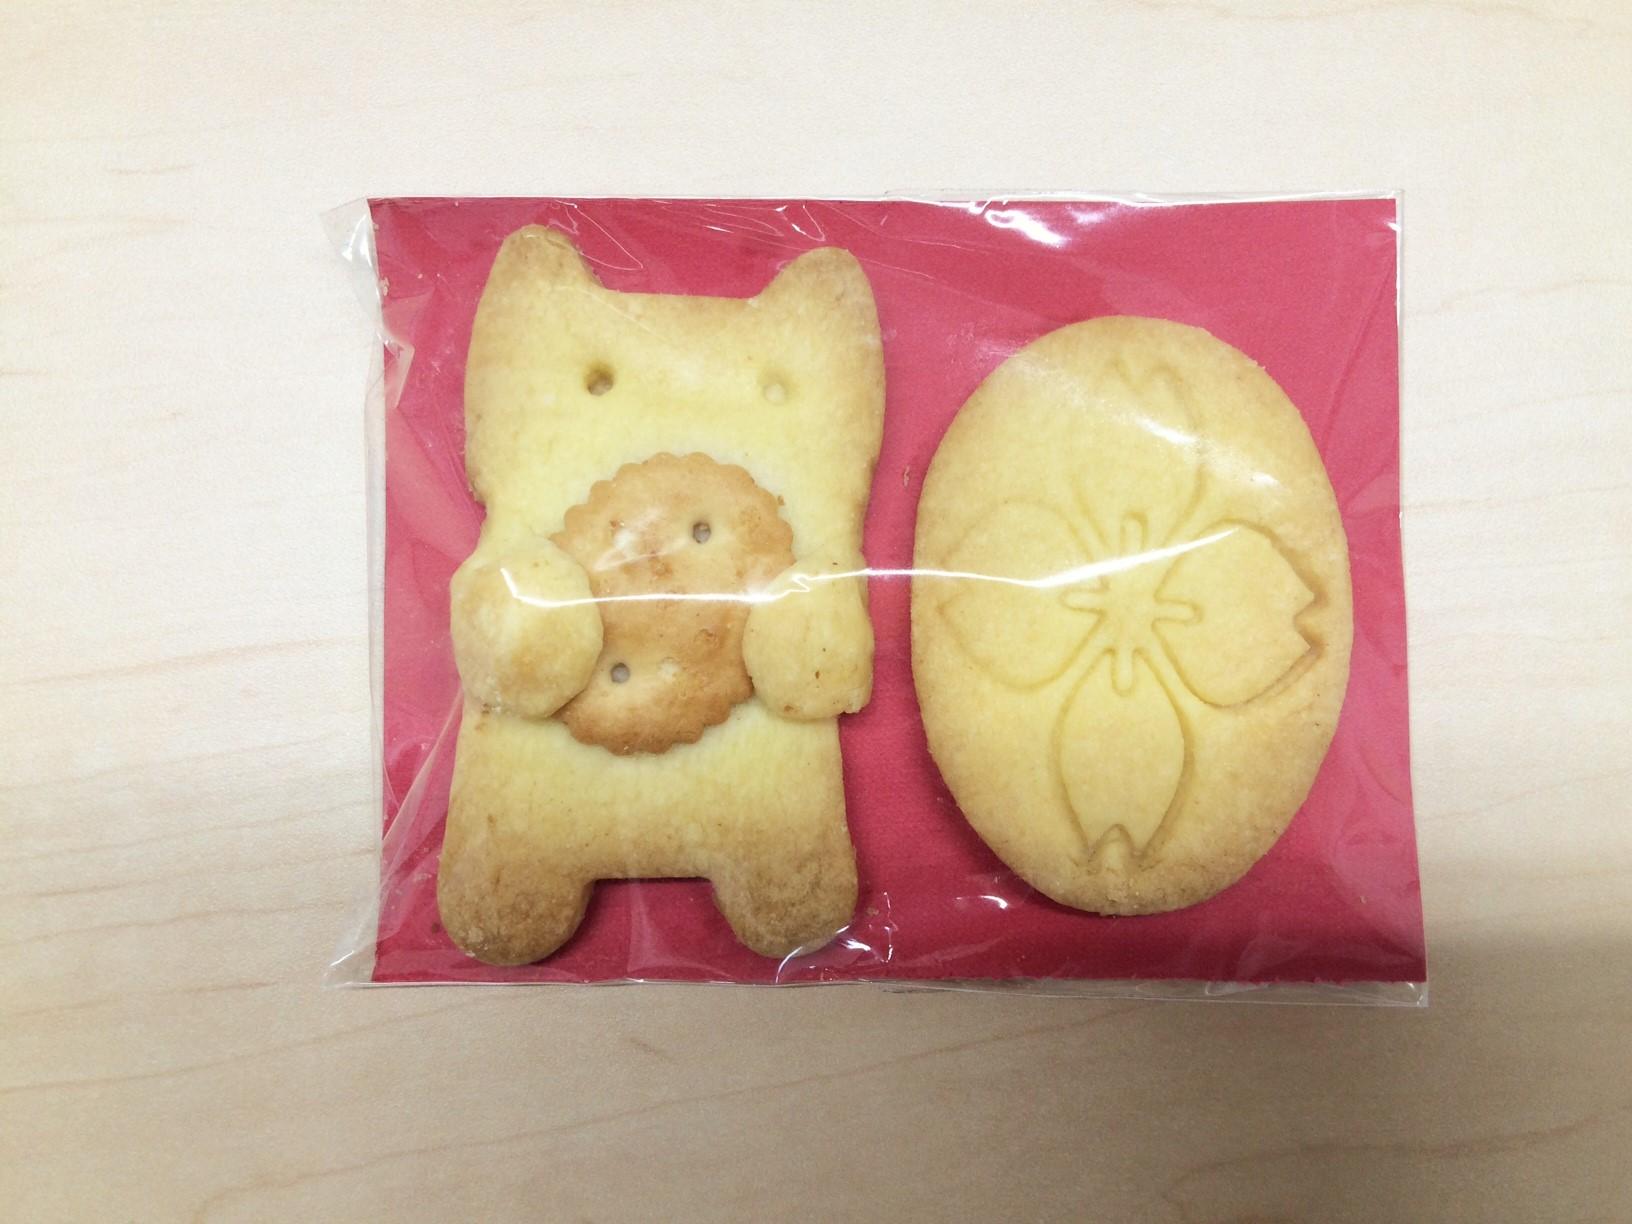 共愛学園小学校オリジナルクッキー